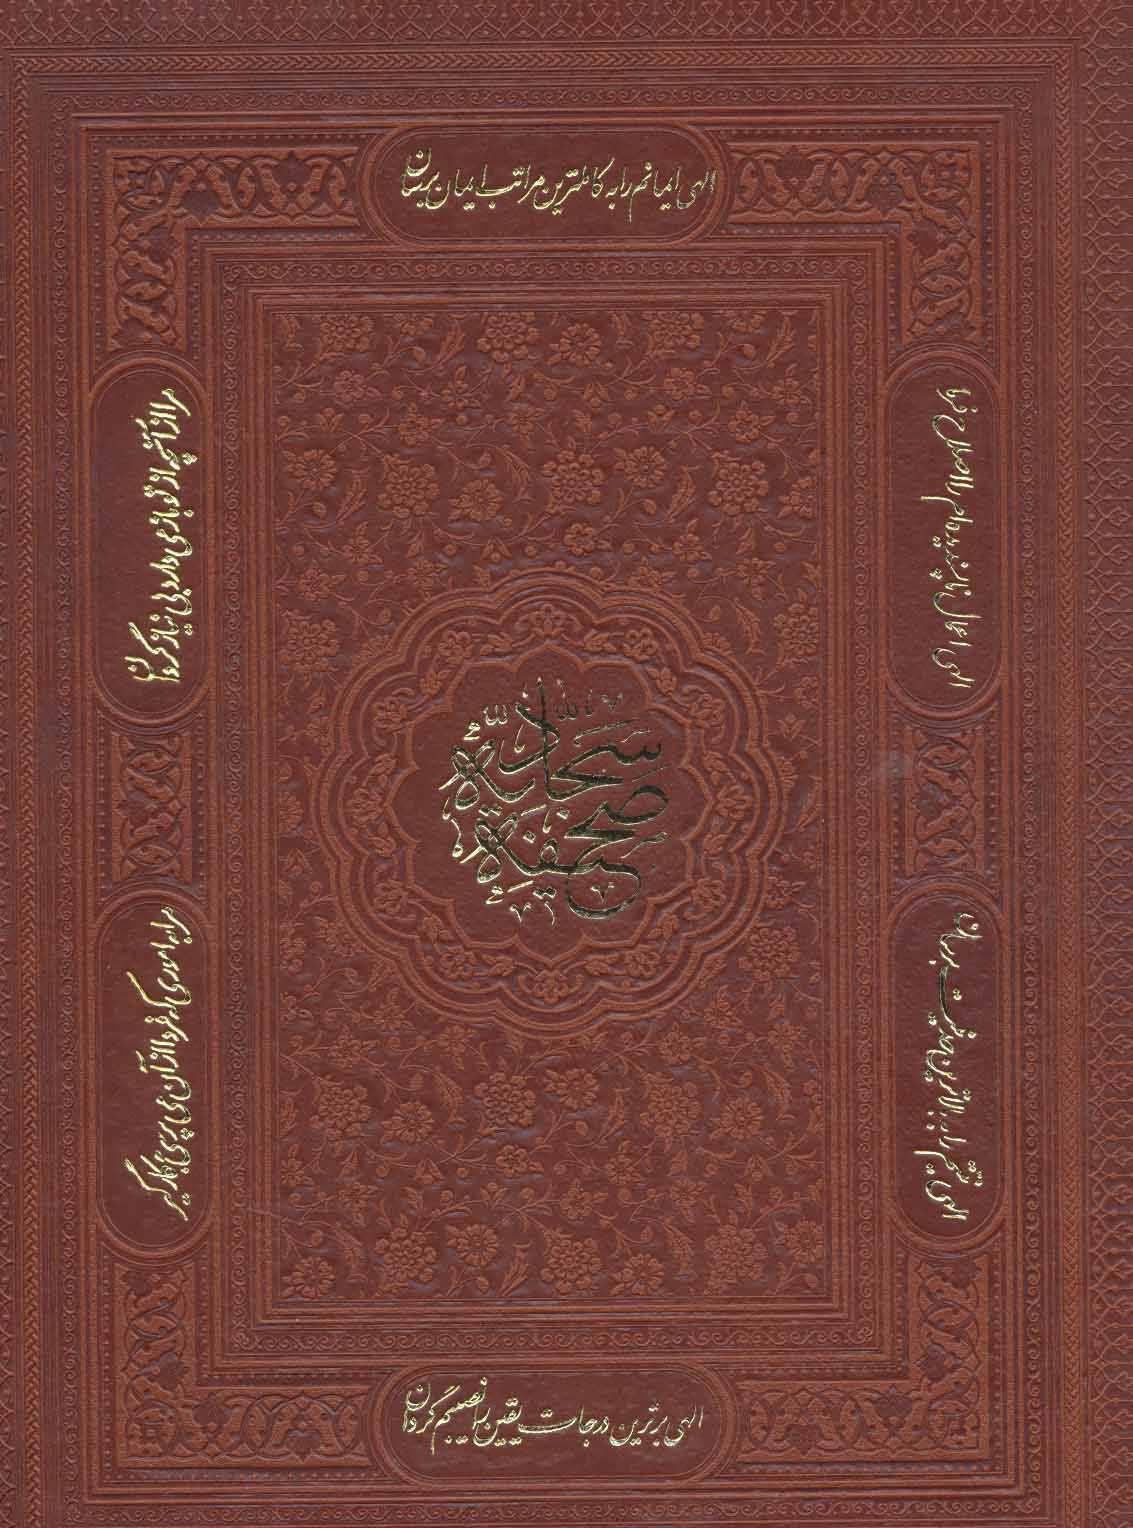 صحیفه سجادیه (معطر،گلاسه،باجعبه،چرم،لب طلایی)